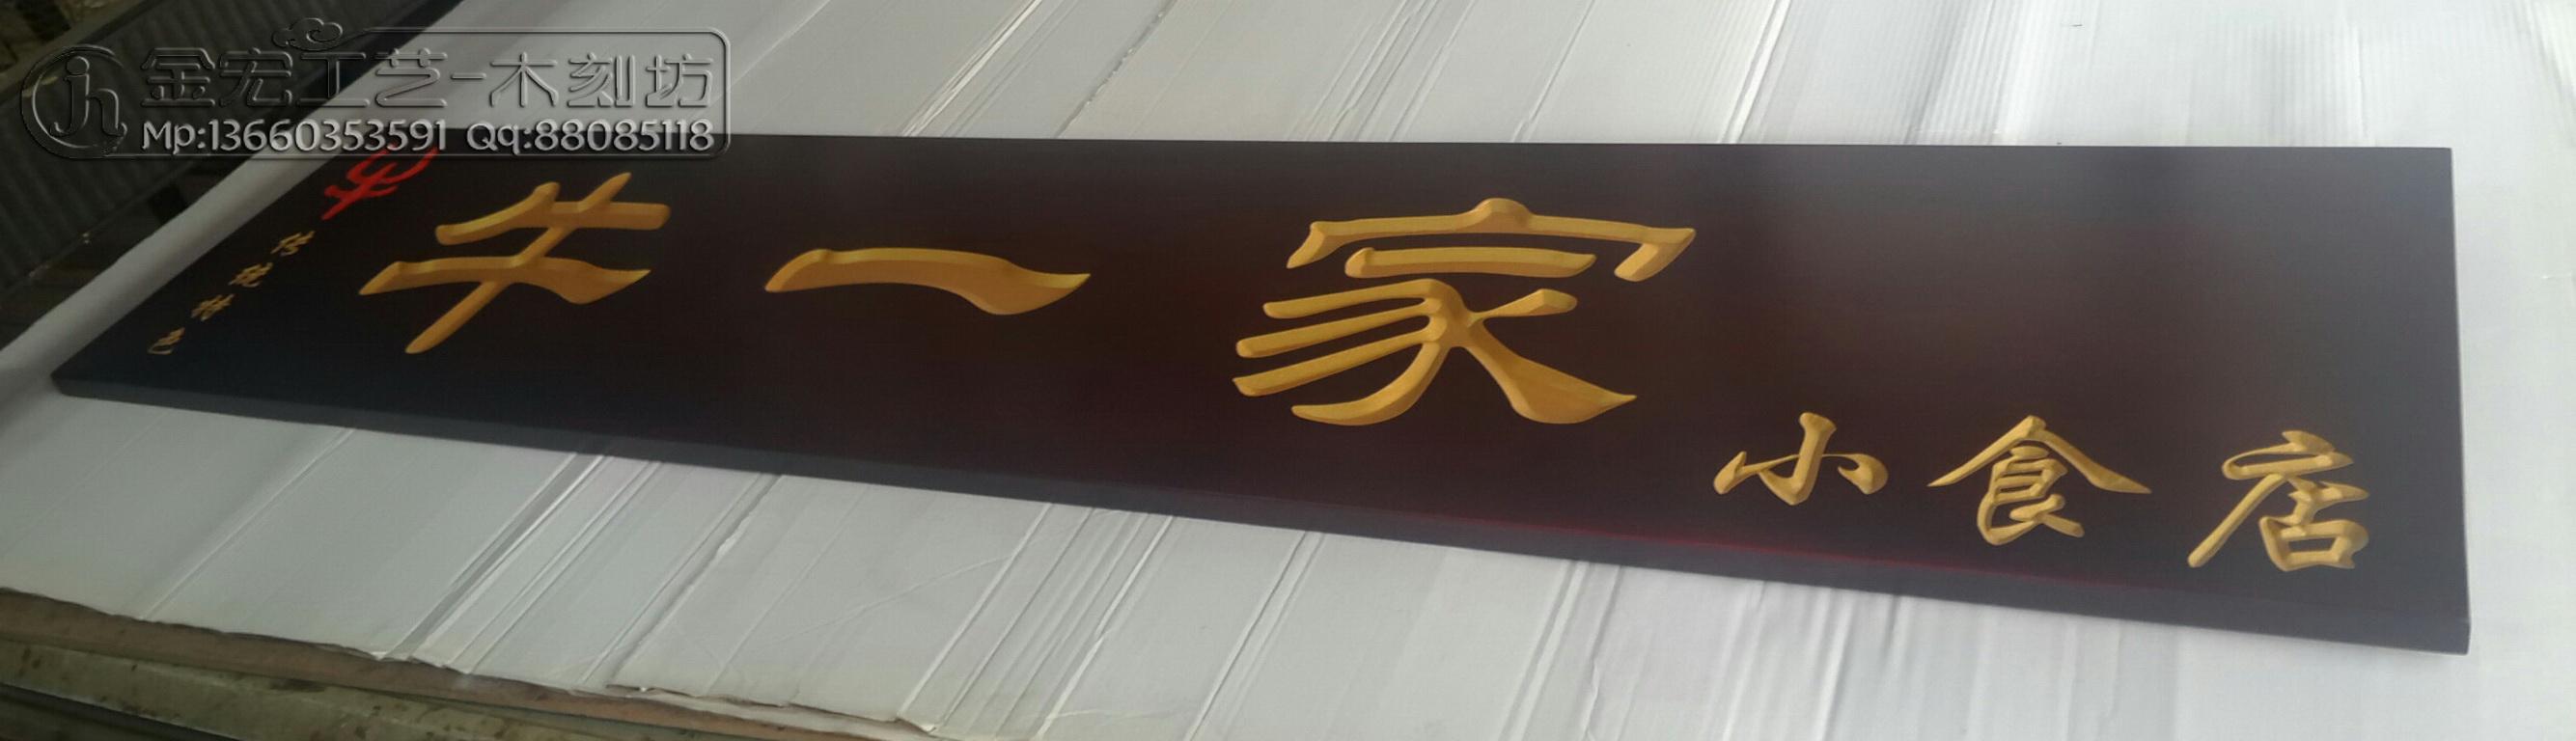 牛一家小吃店 - 金宏工艺-木雕牌匾|木刻招牌|雕刻